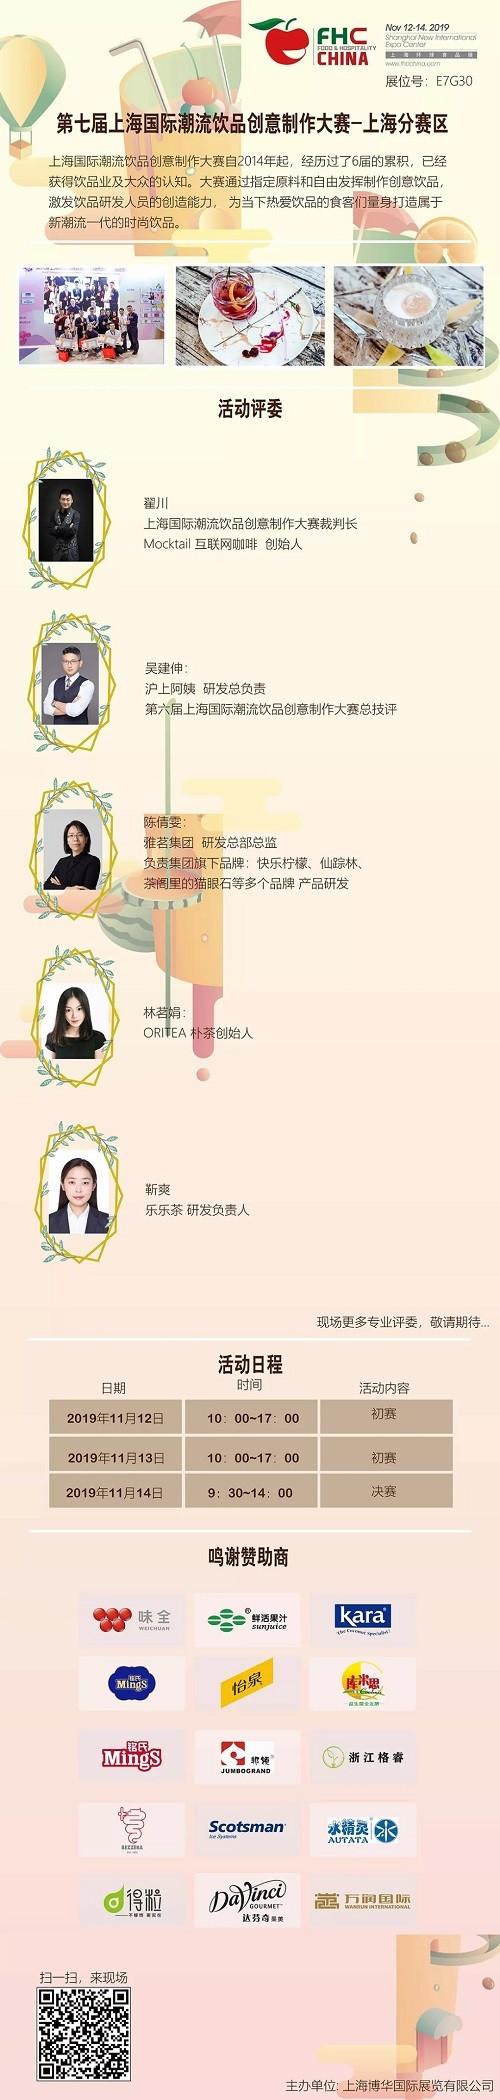 第七届潮流饮品大赛上海分区赛重磅来袭!